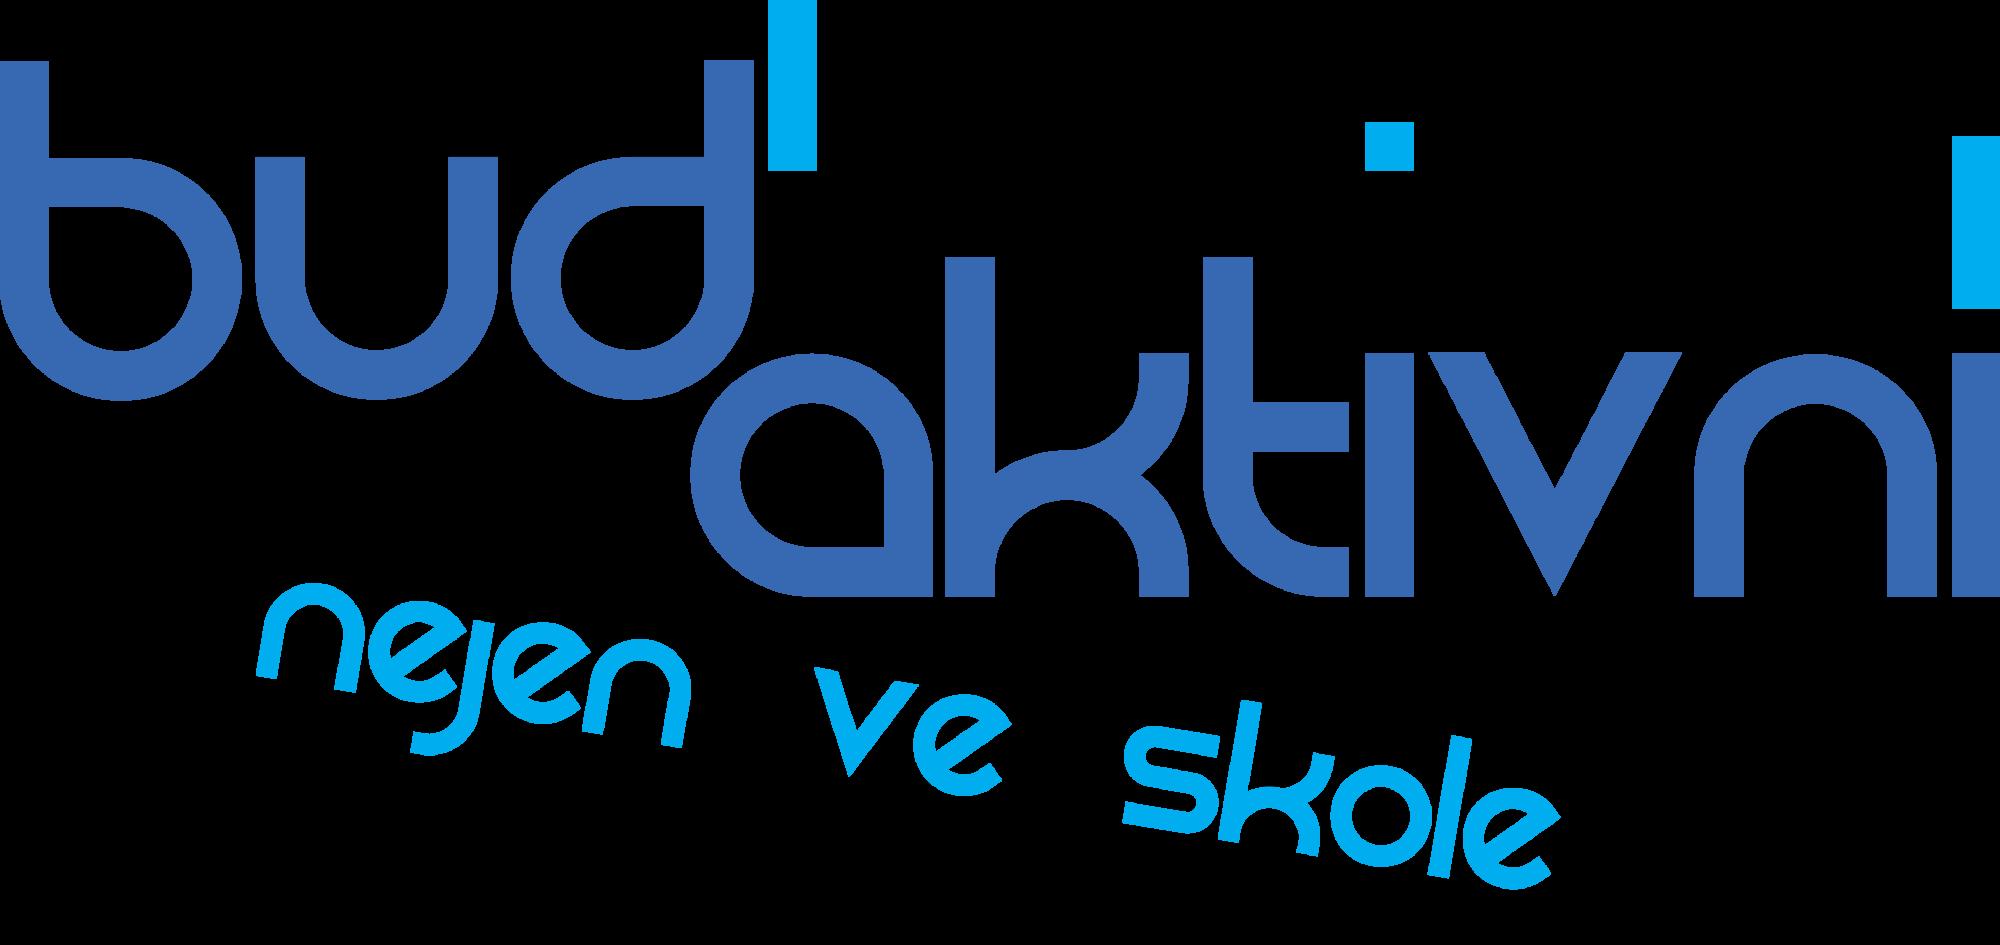 budaktivni.cz